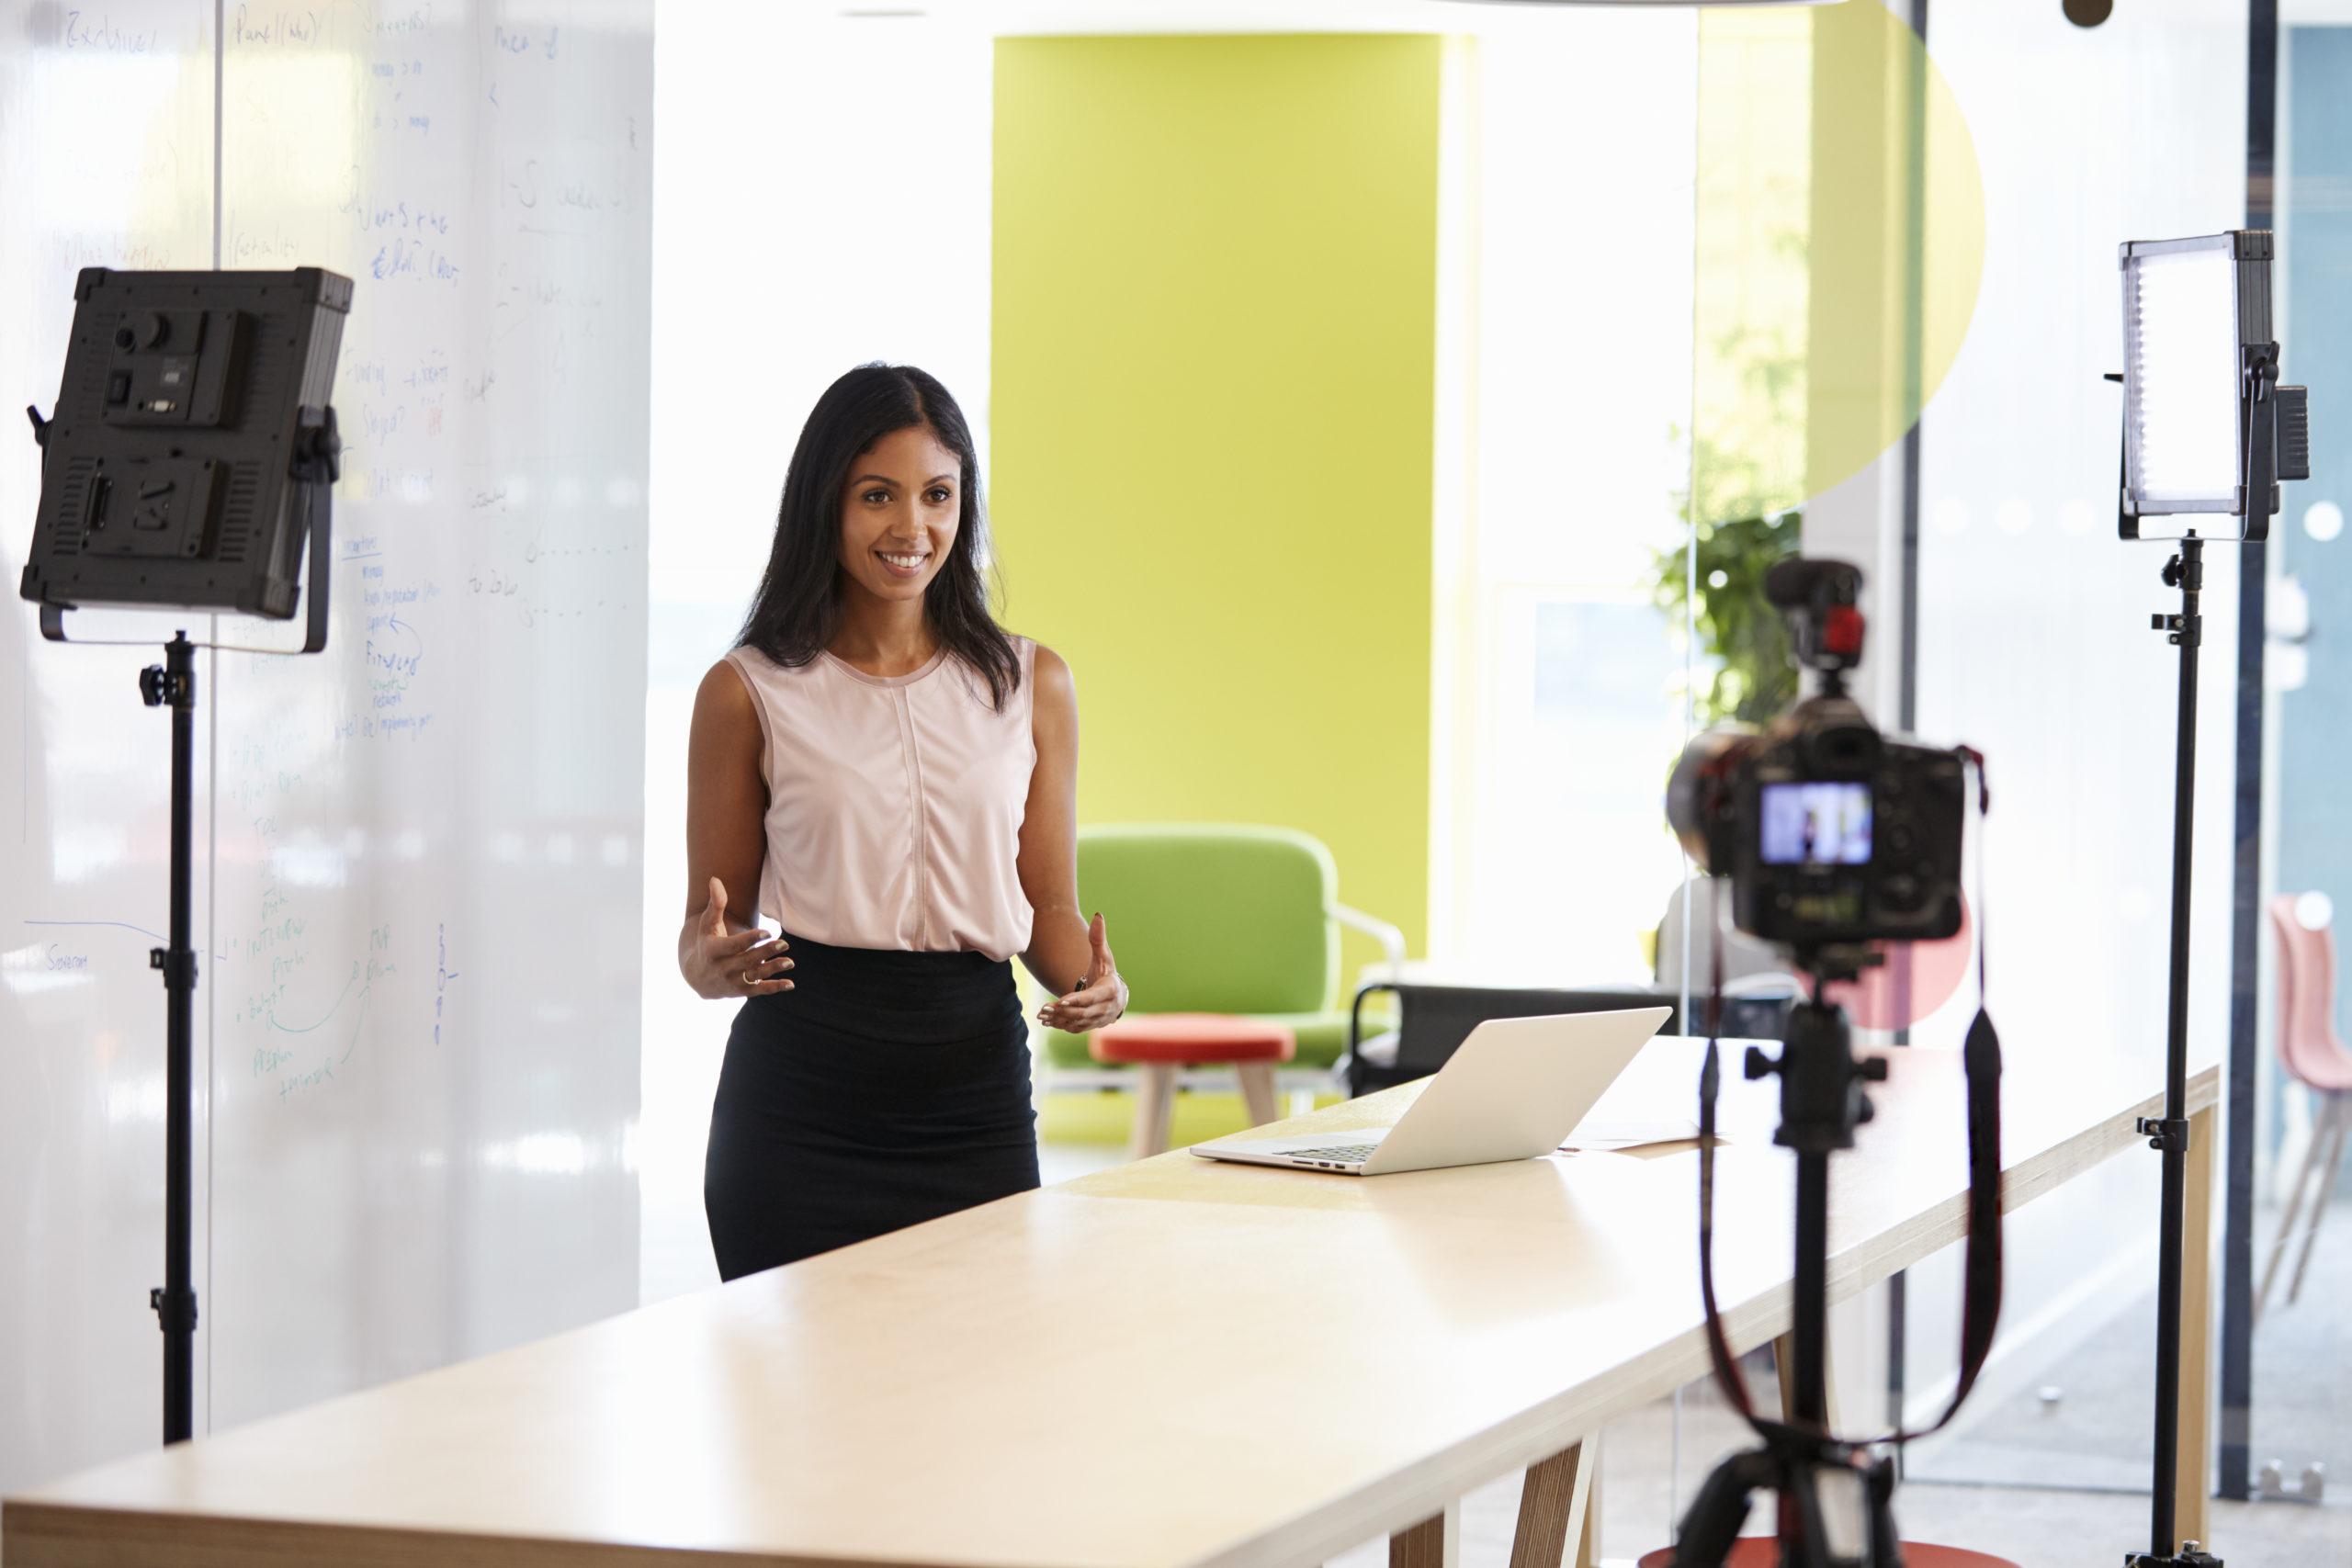 Comment optimiser une vidéo marketing sur LinkedIn ?